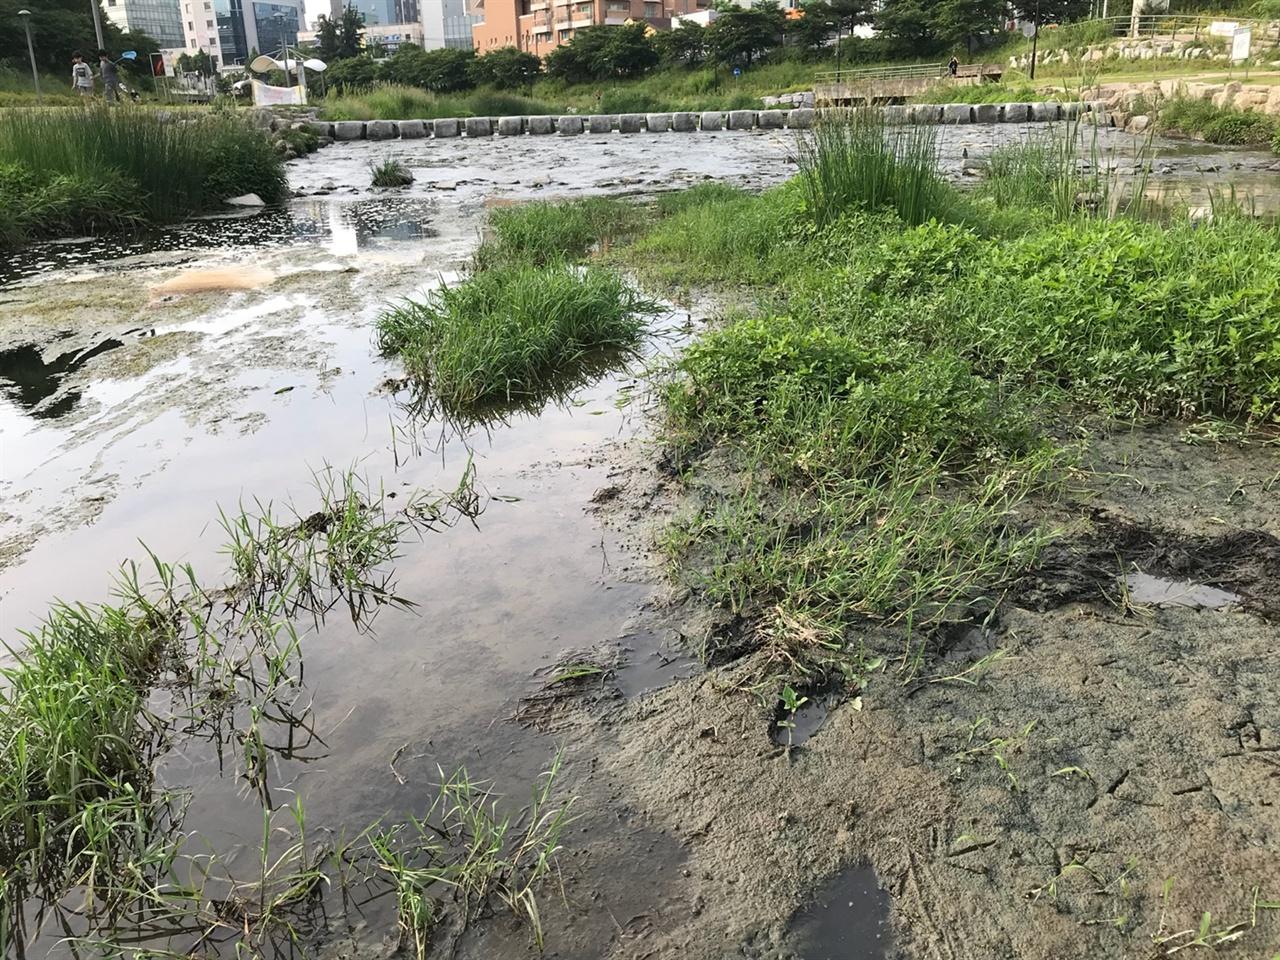 강바닥에 쌓인 펄은 썩어있고, 악취가 풍겼다. 그 속에서 수질 최악의 지표종 실지렁이가 바글바글댔다.